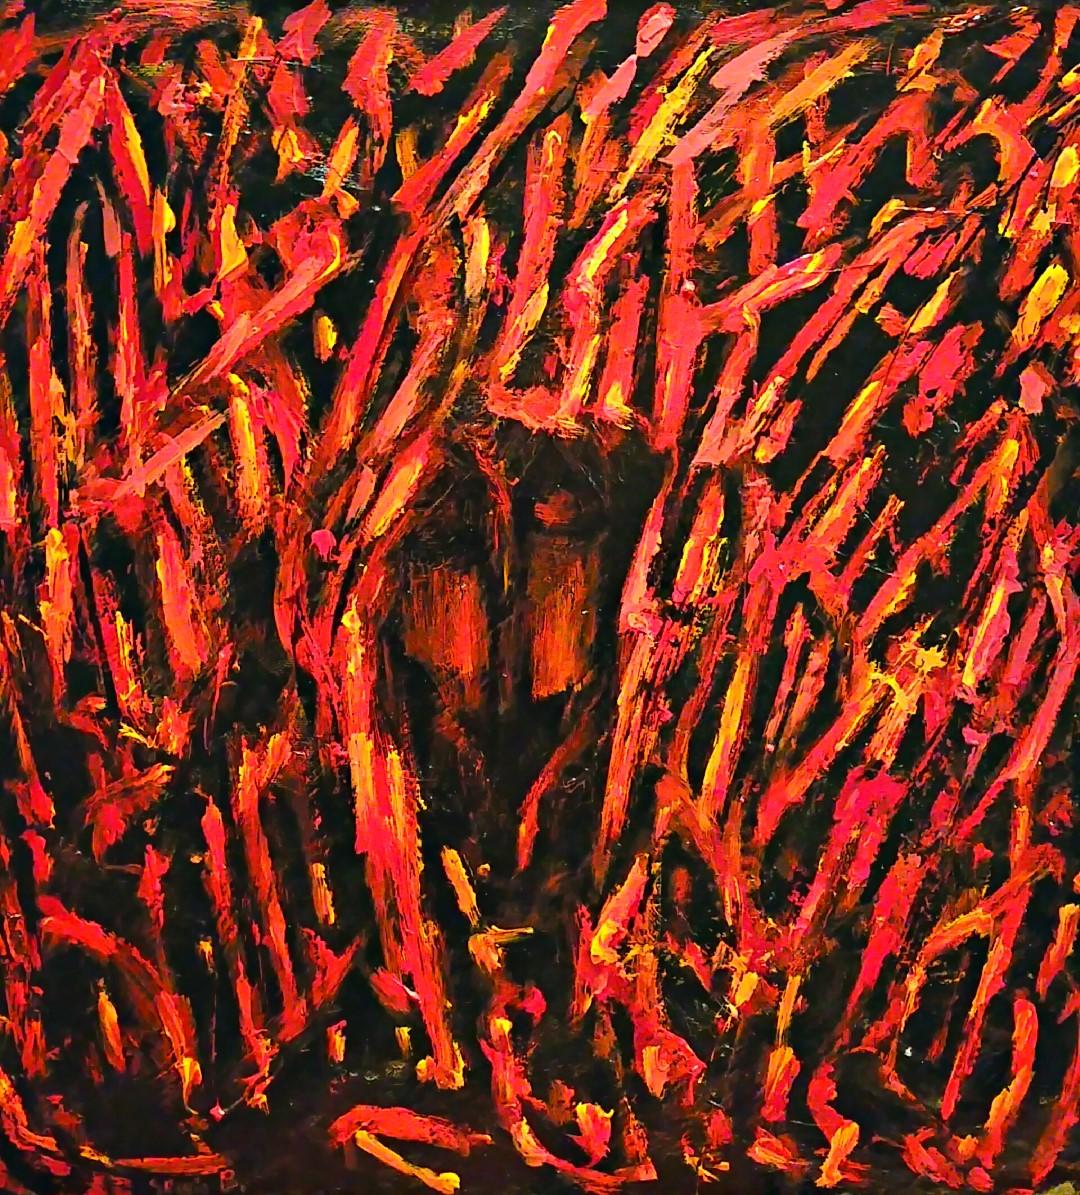 Sergio Boldrin (I), La mia città contorta (2016), mixed media on canvas, cm 50x50.jpg